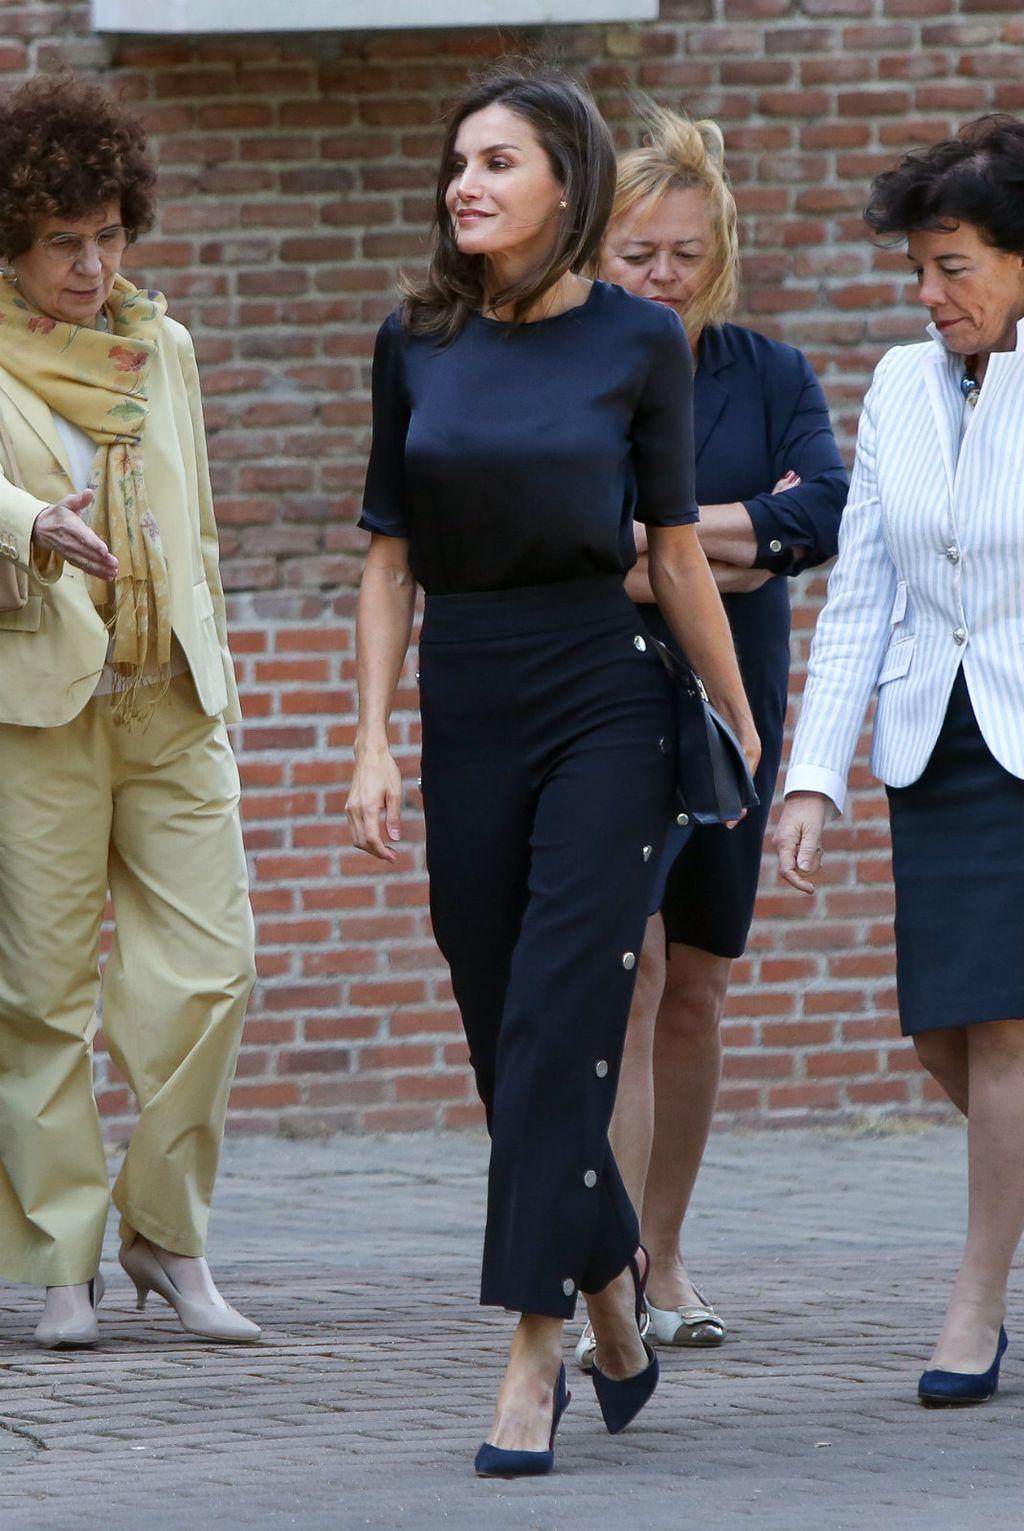 Kraljica Letizia posjetila je studentski dom u Madridu